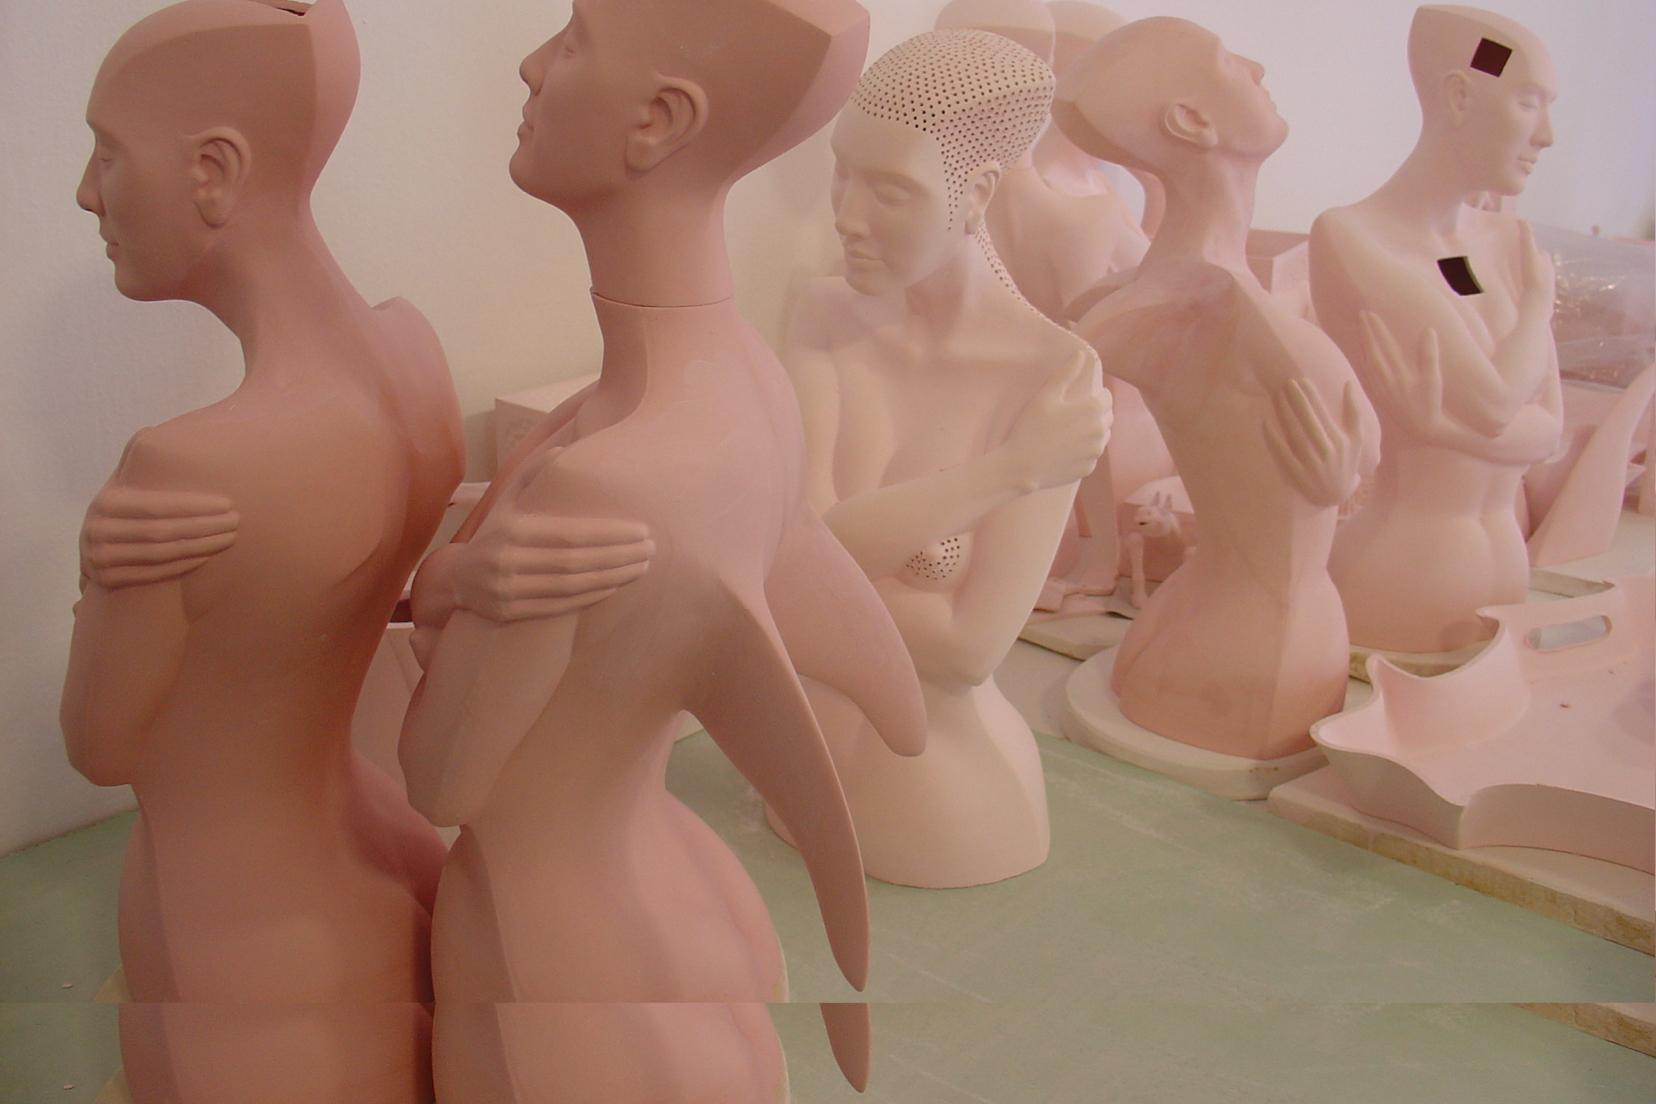 079. Porcelain Society S. (2005)